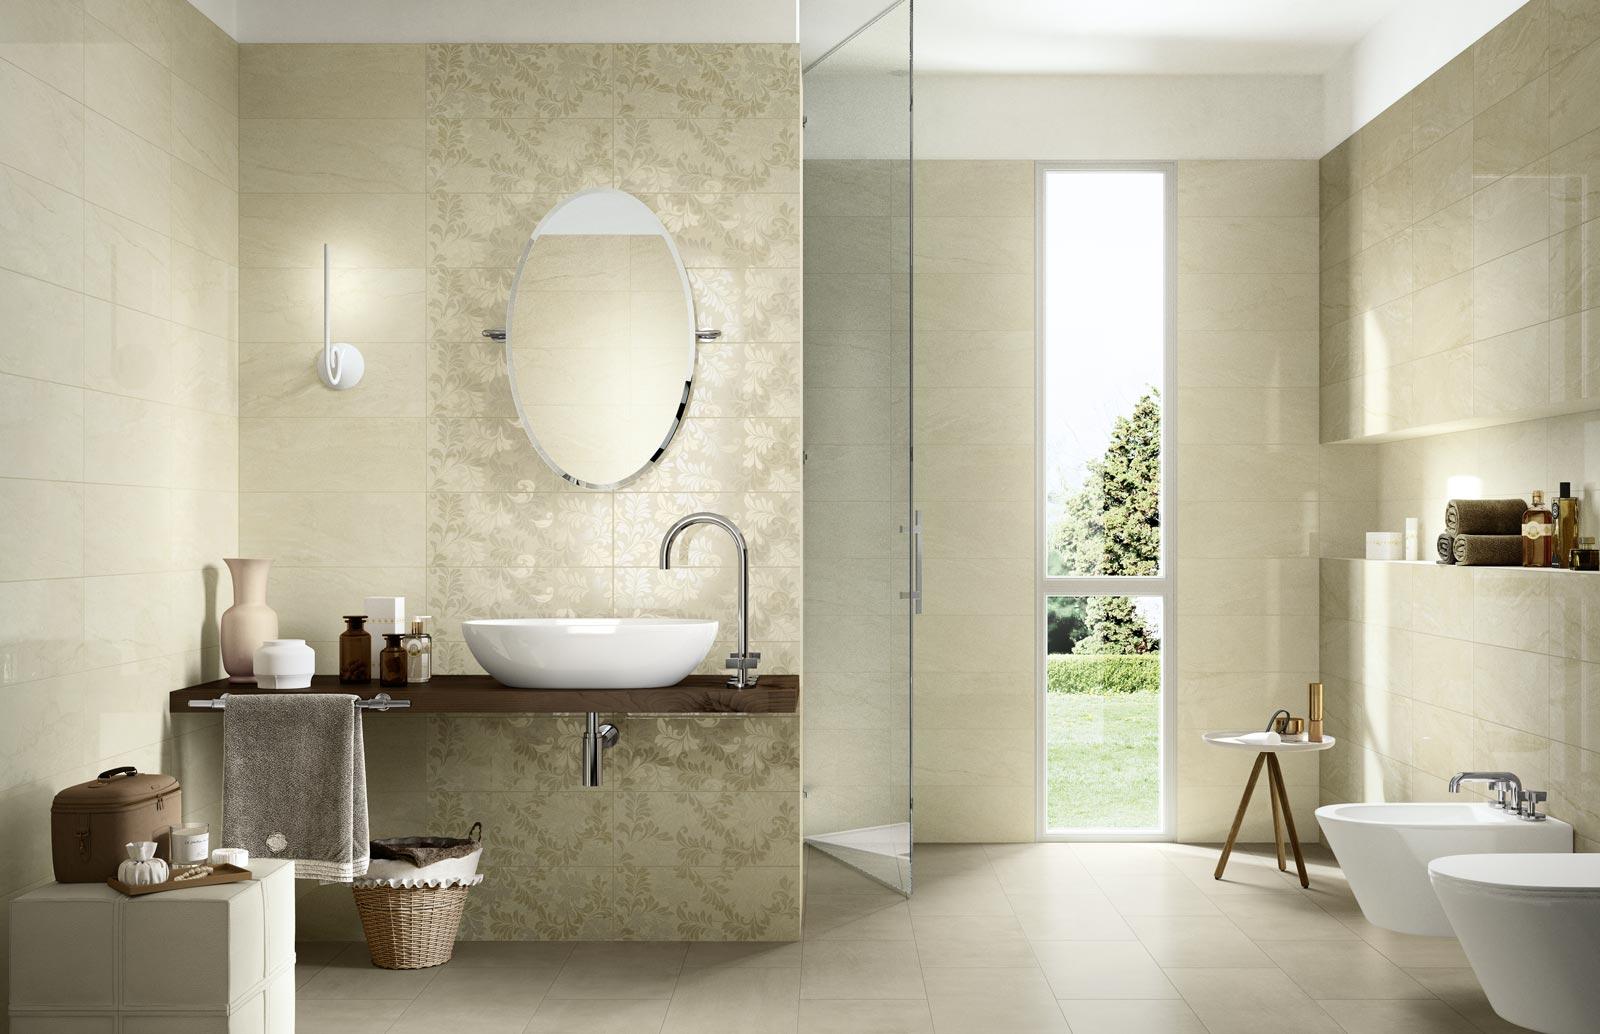 Gro Raumgarage collezione grace piastrelle in ceramica per il tuo bagno ragno